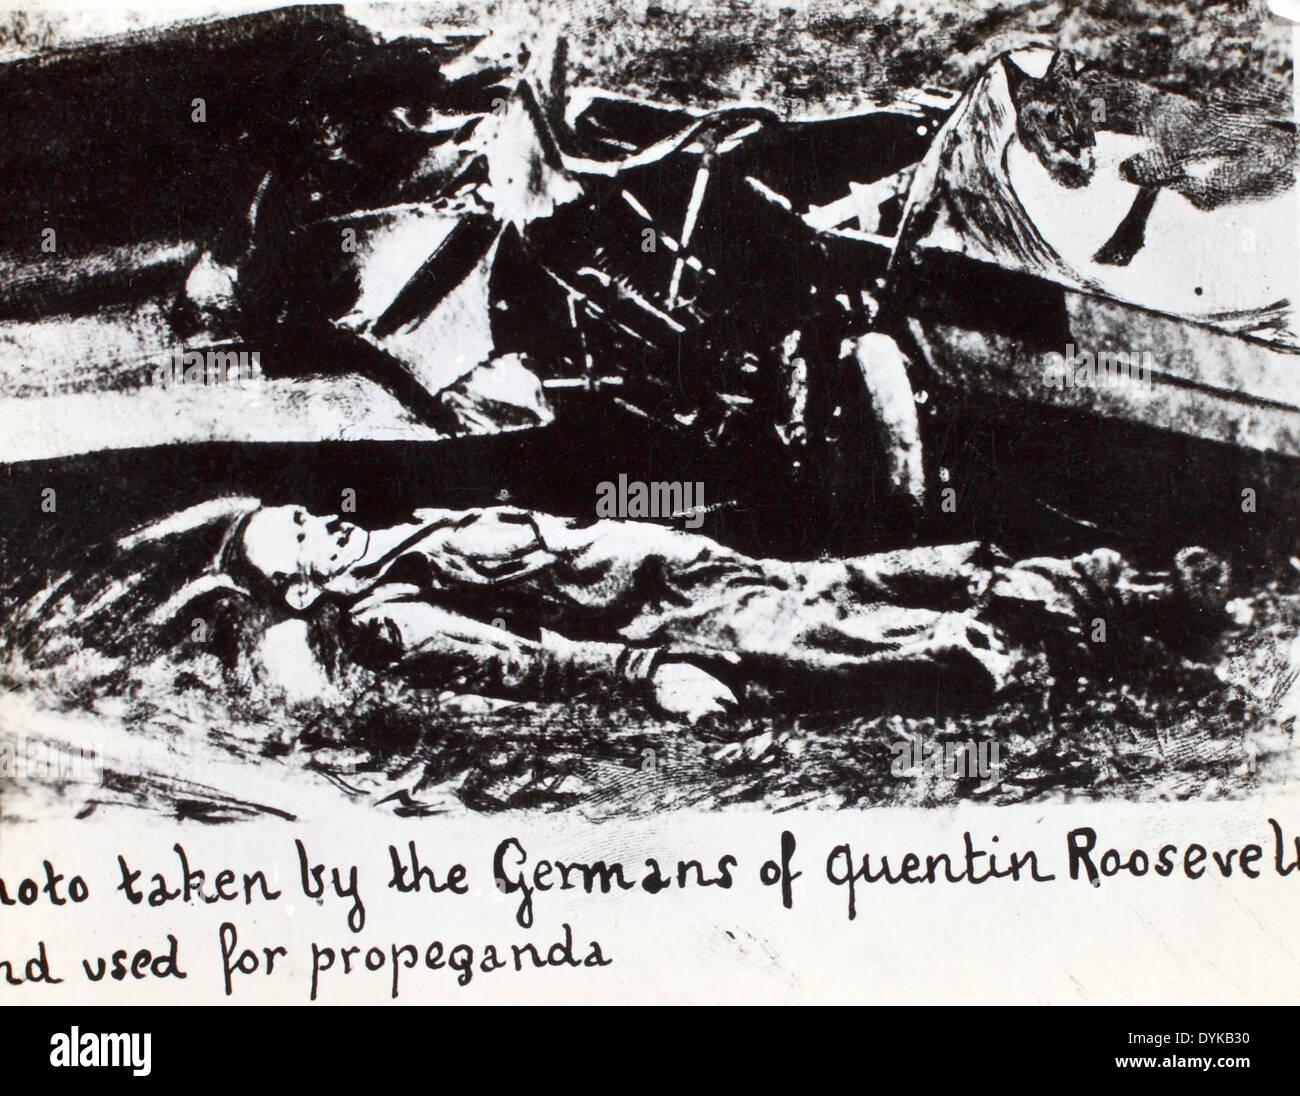 Quentin Roosevelt Crash Site